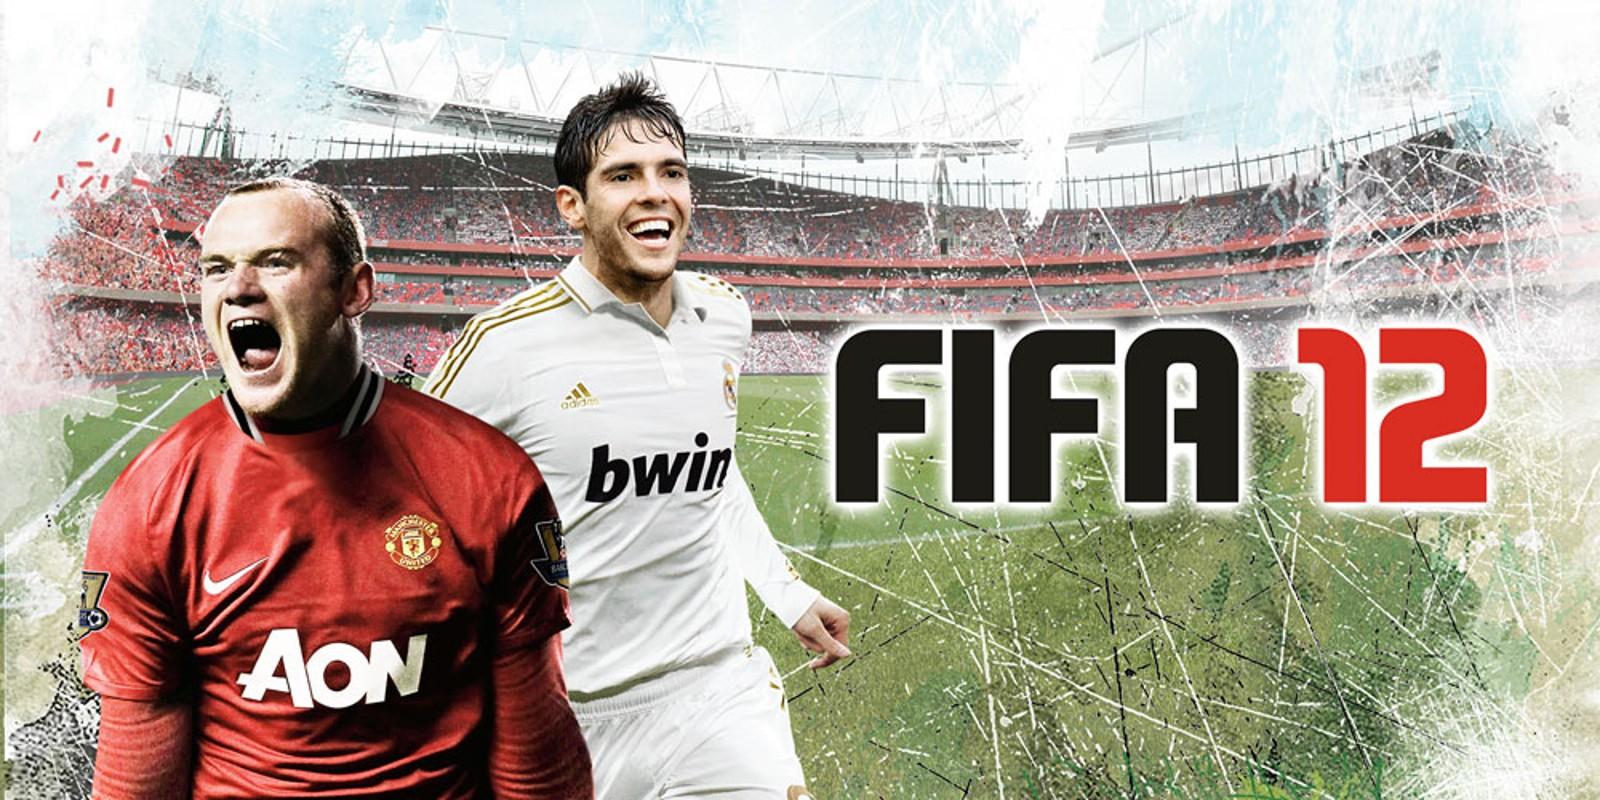 SI_3DS_FIFA12_image1600w